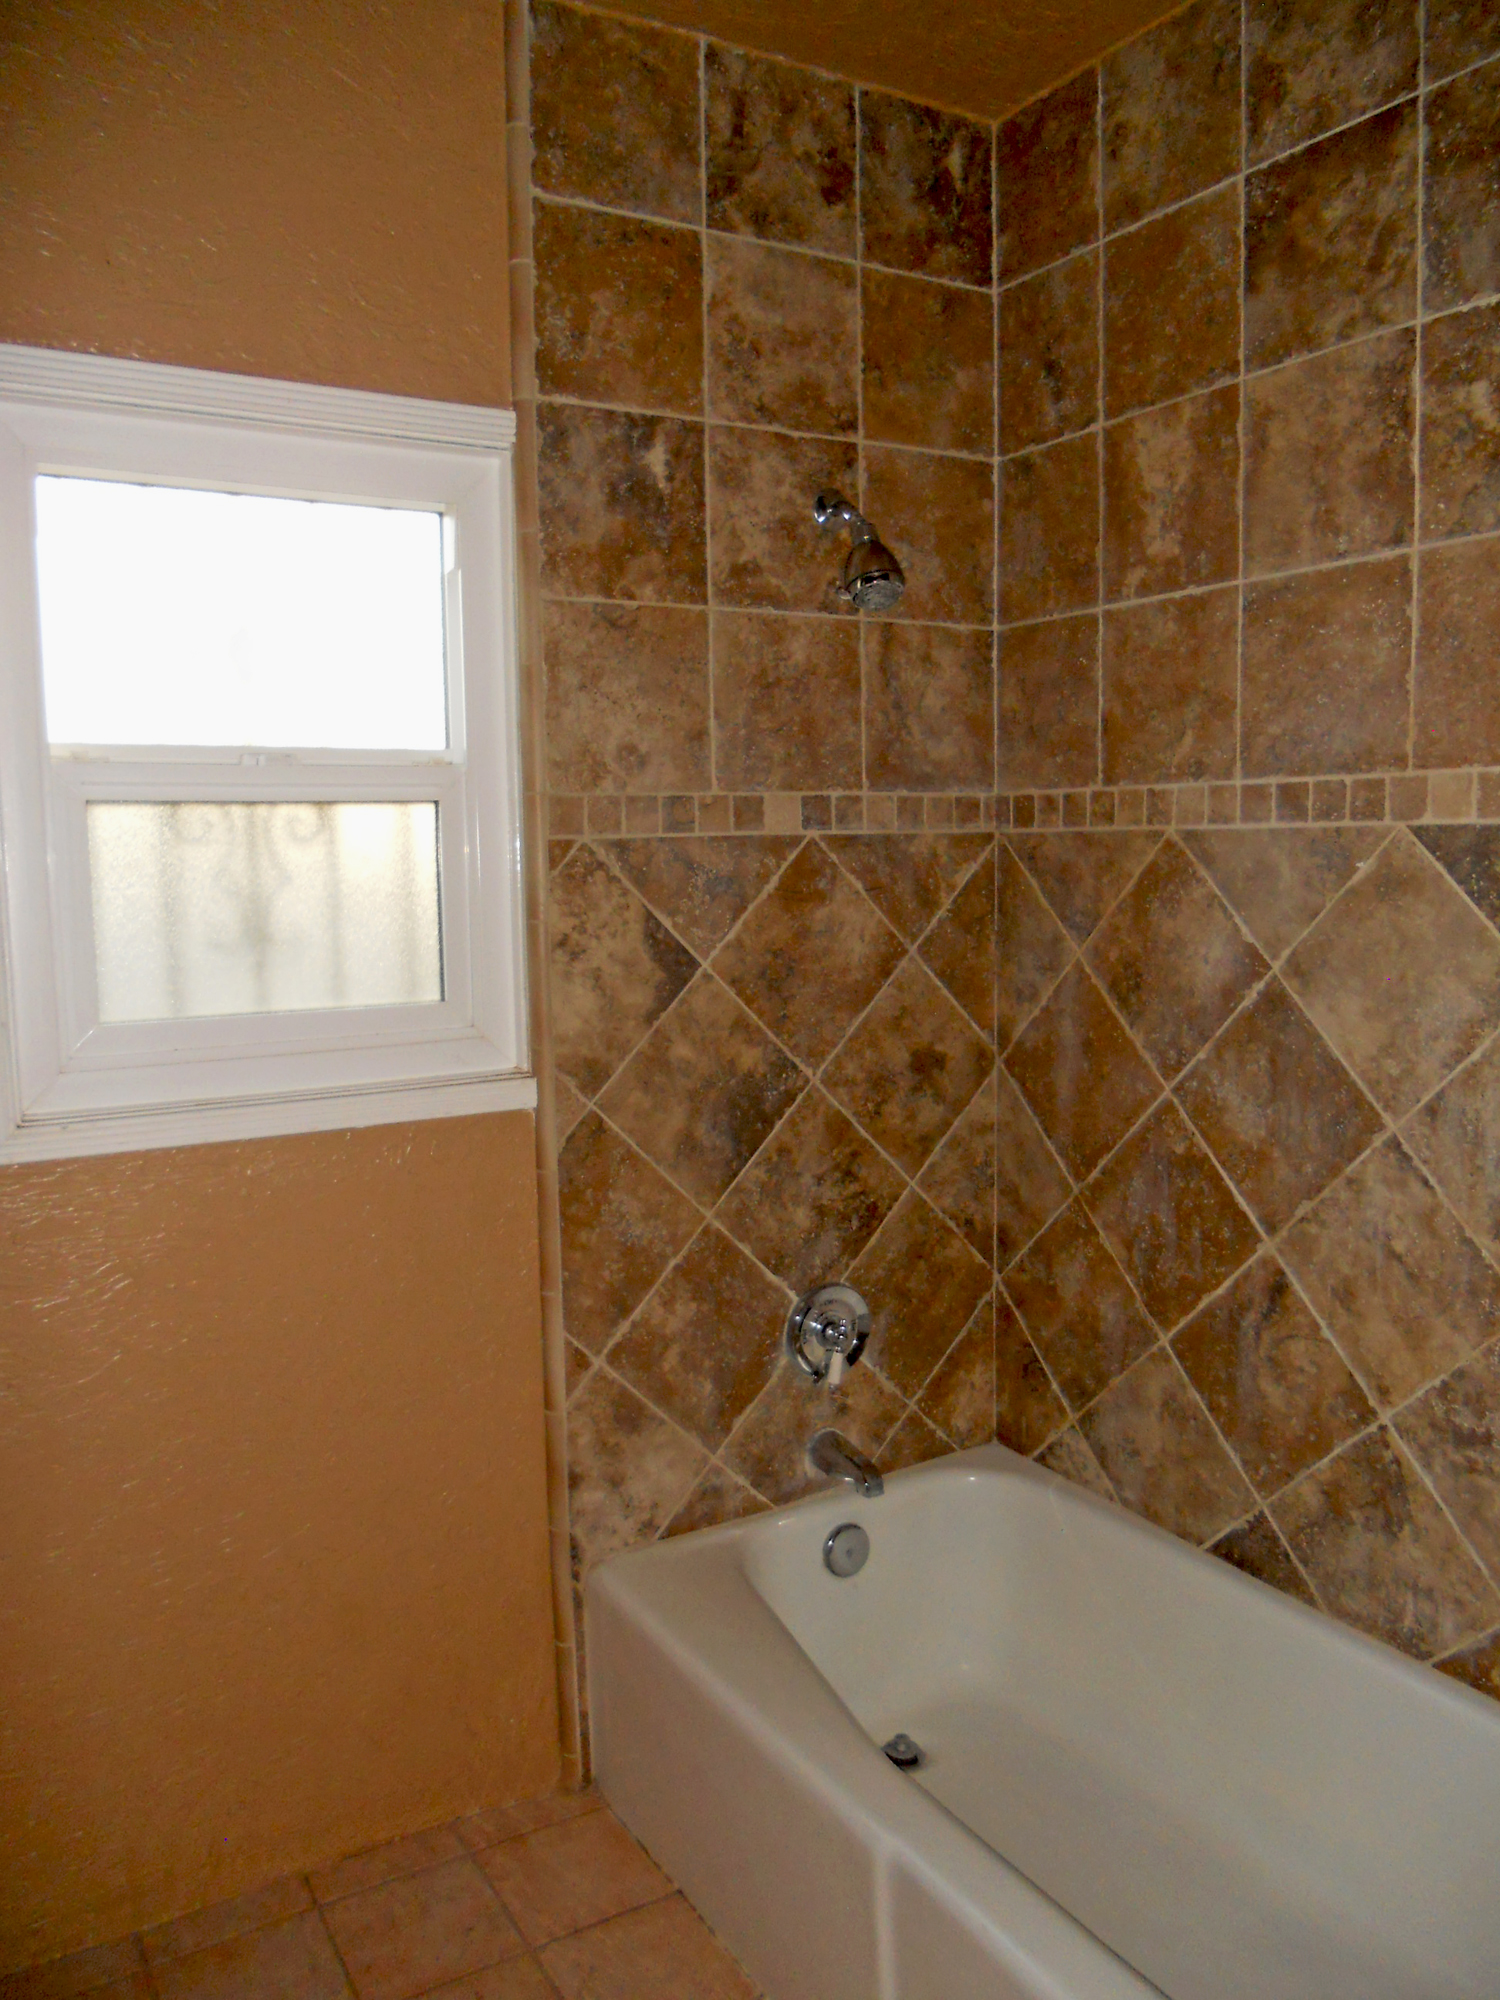 Re Tile Bathroom Tiled Bathtub And Shower